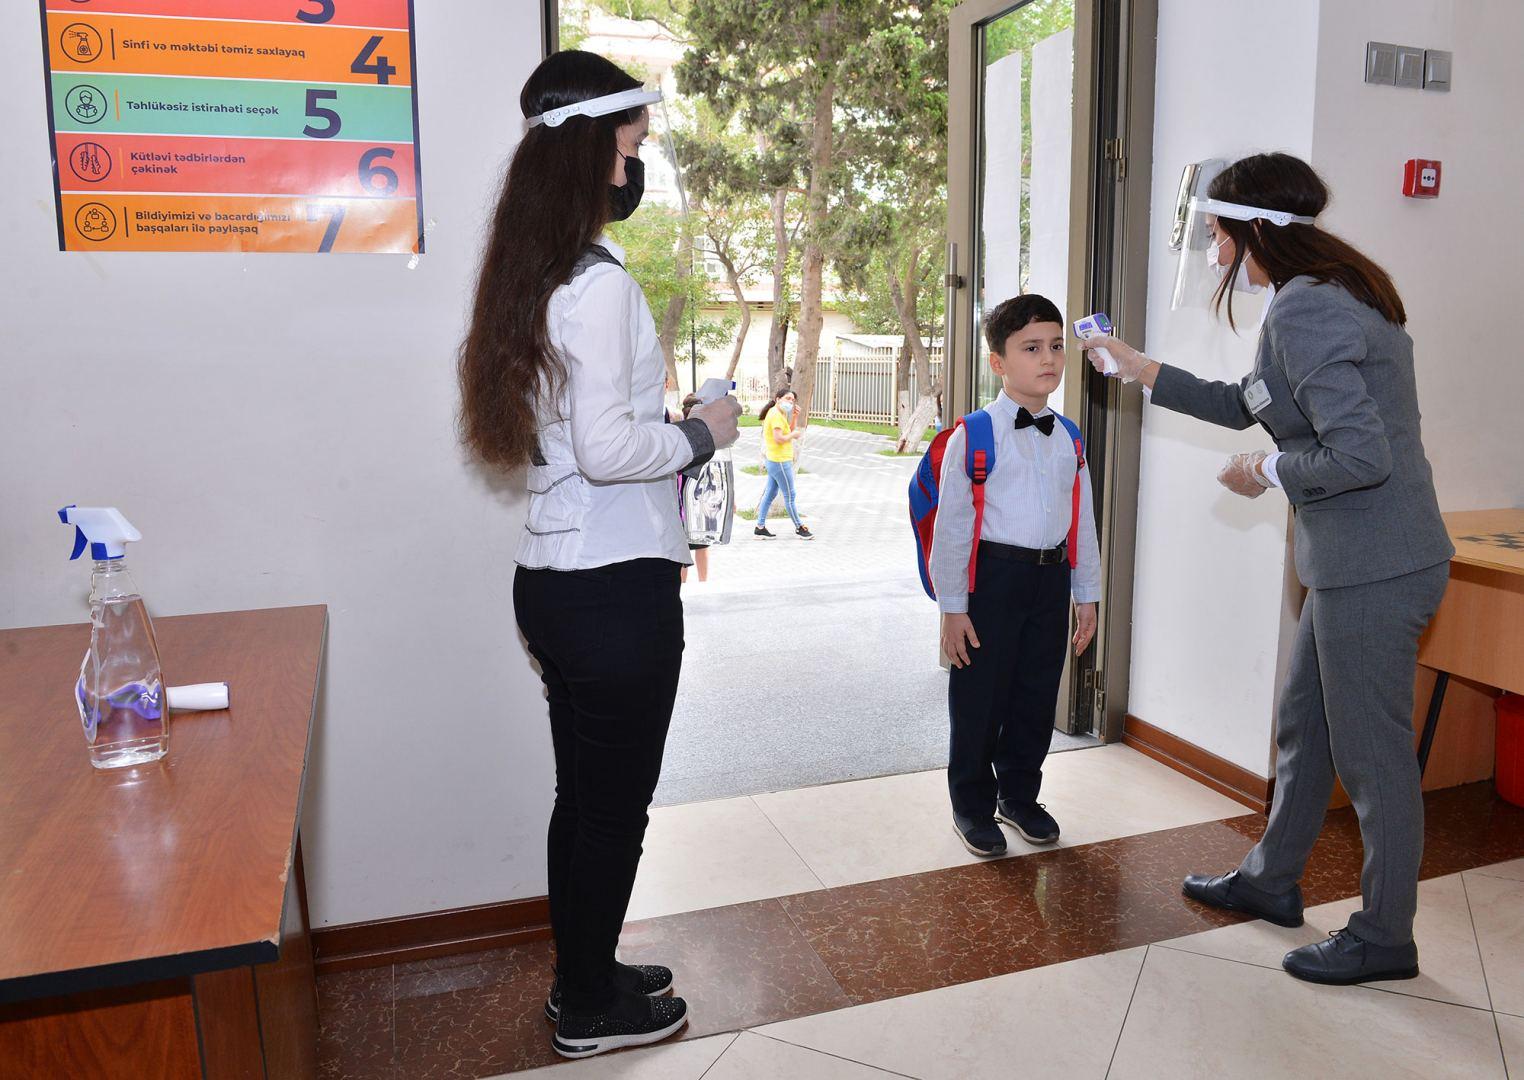 Лица с температурой тела выше 37 градусов в школы пропускаться не будут - минобразования Азербайджана